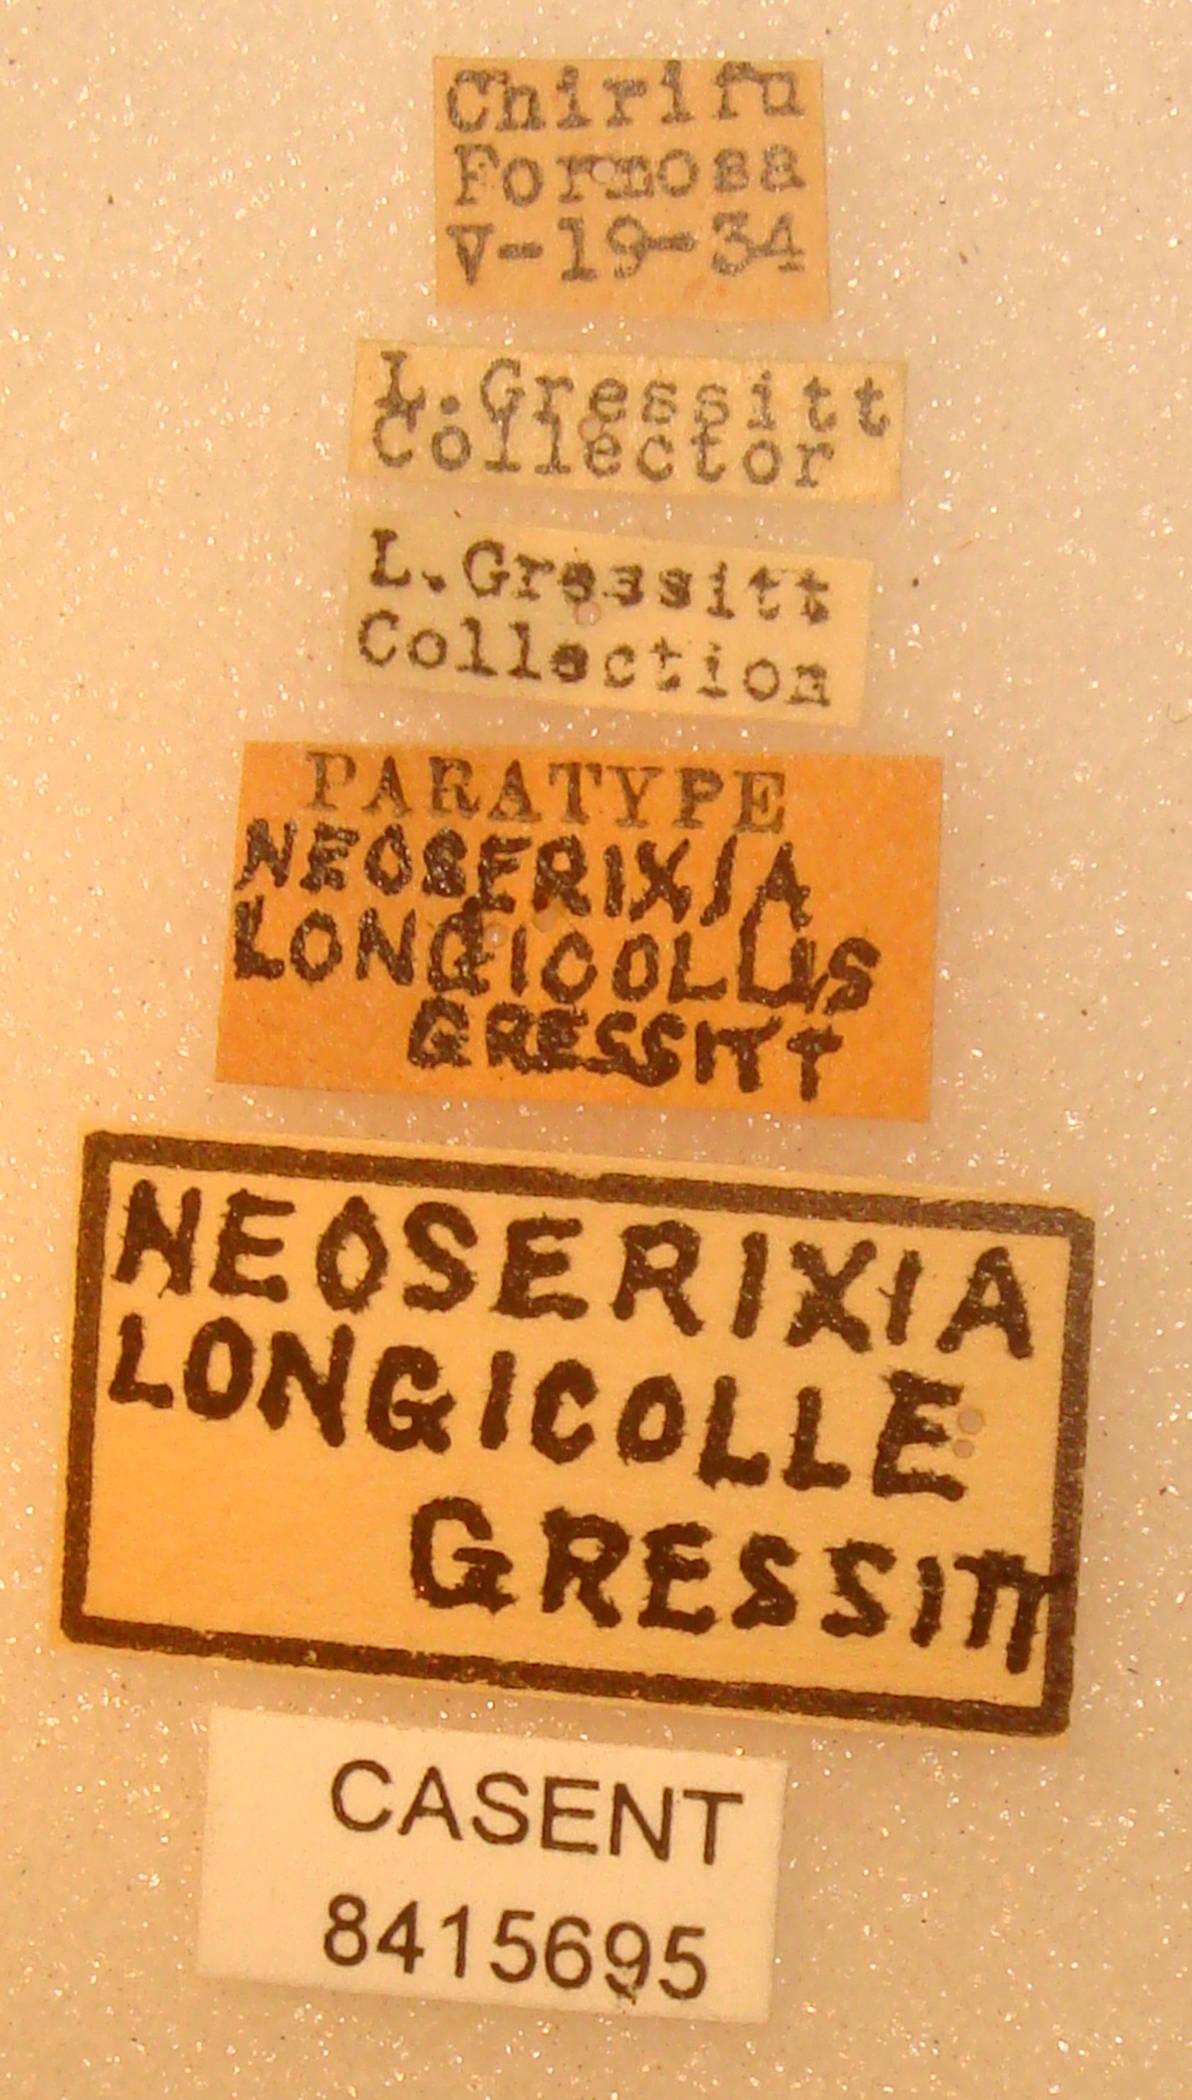 Neoserixia image